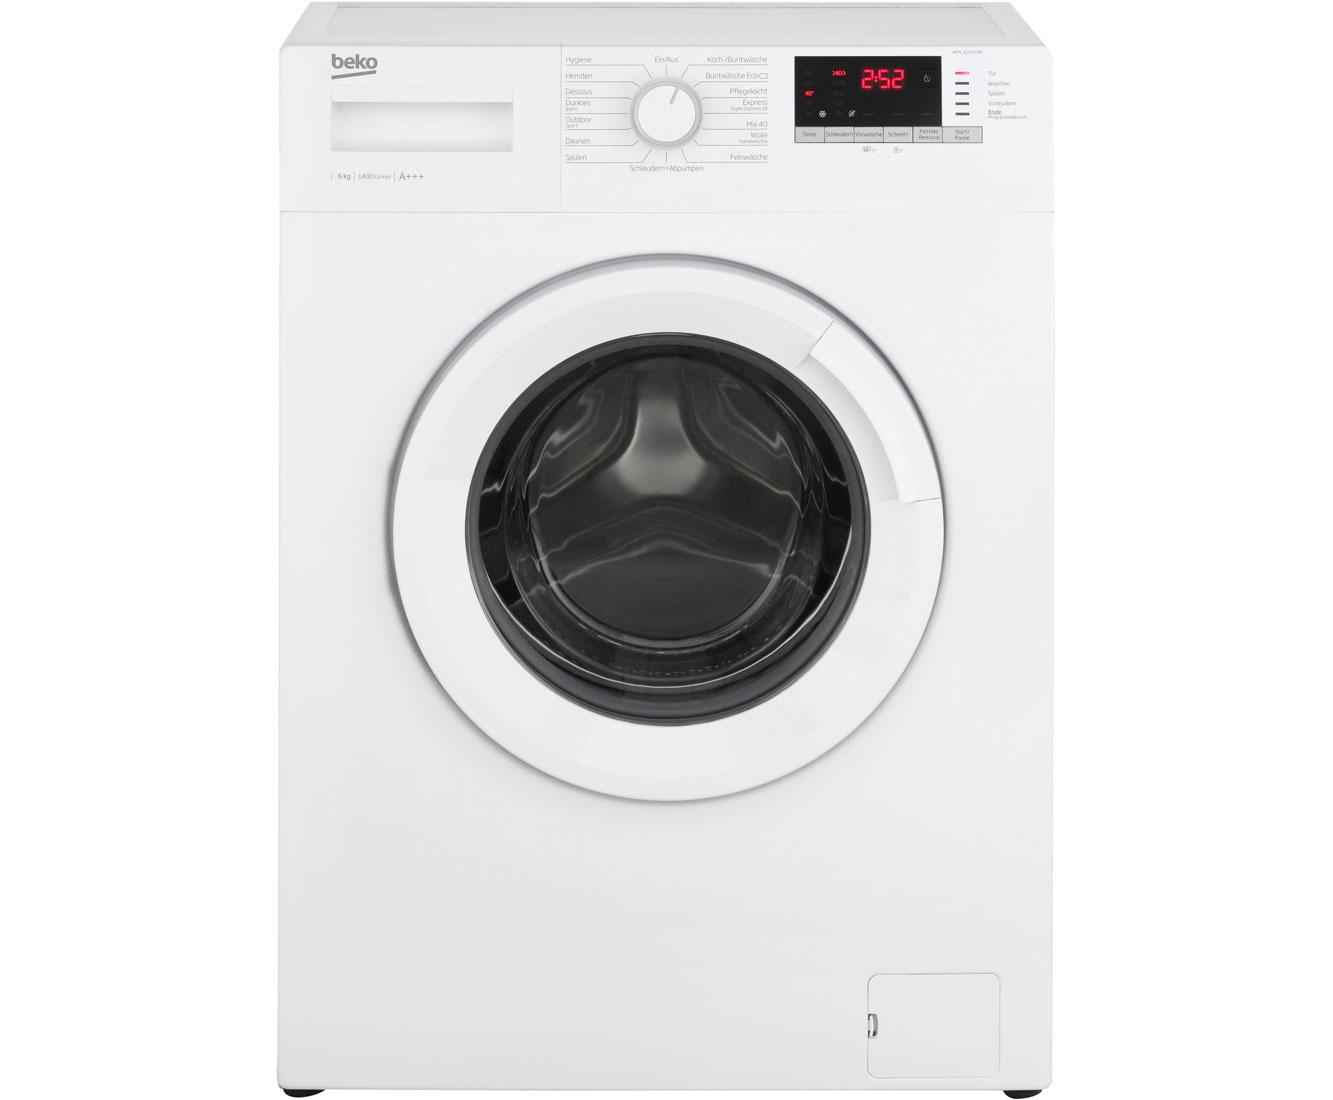 Kg waschmaschine preisvergleich u die besten angebote online kaufen